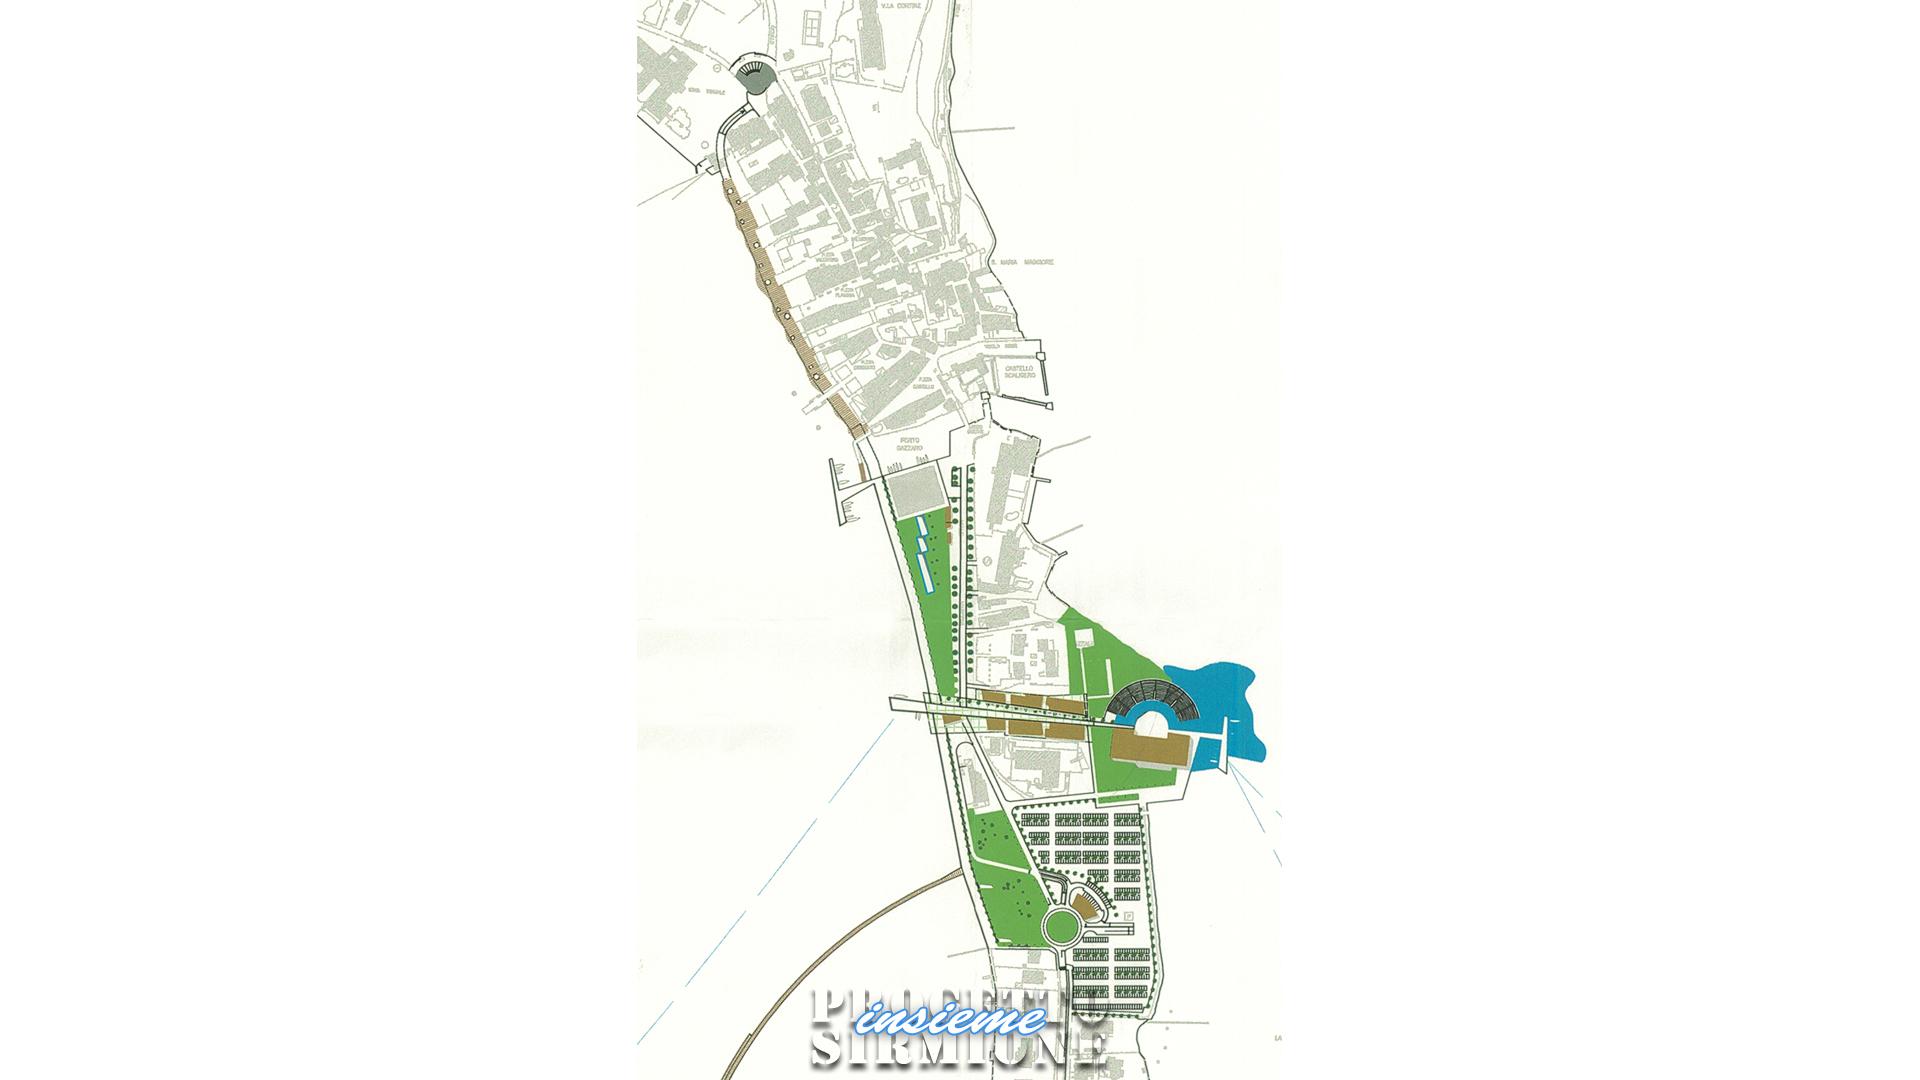 Progetto Sirmione Insieme_progetto ponte pedonale come secondo accesso per Sirmione